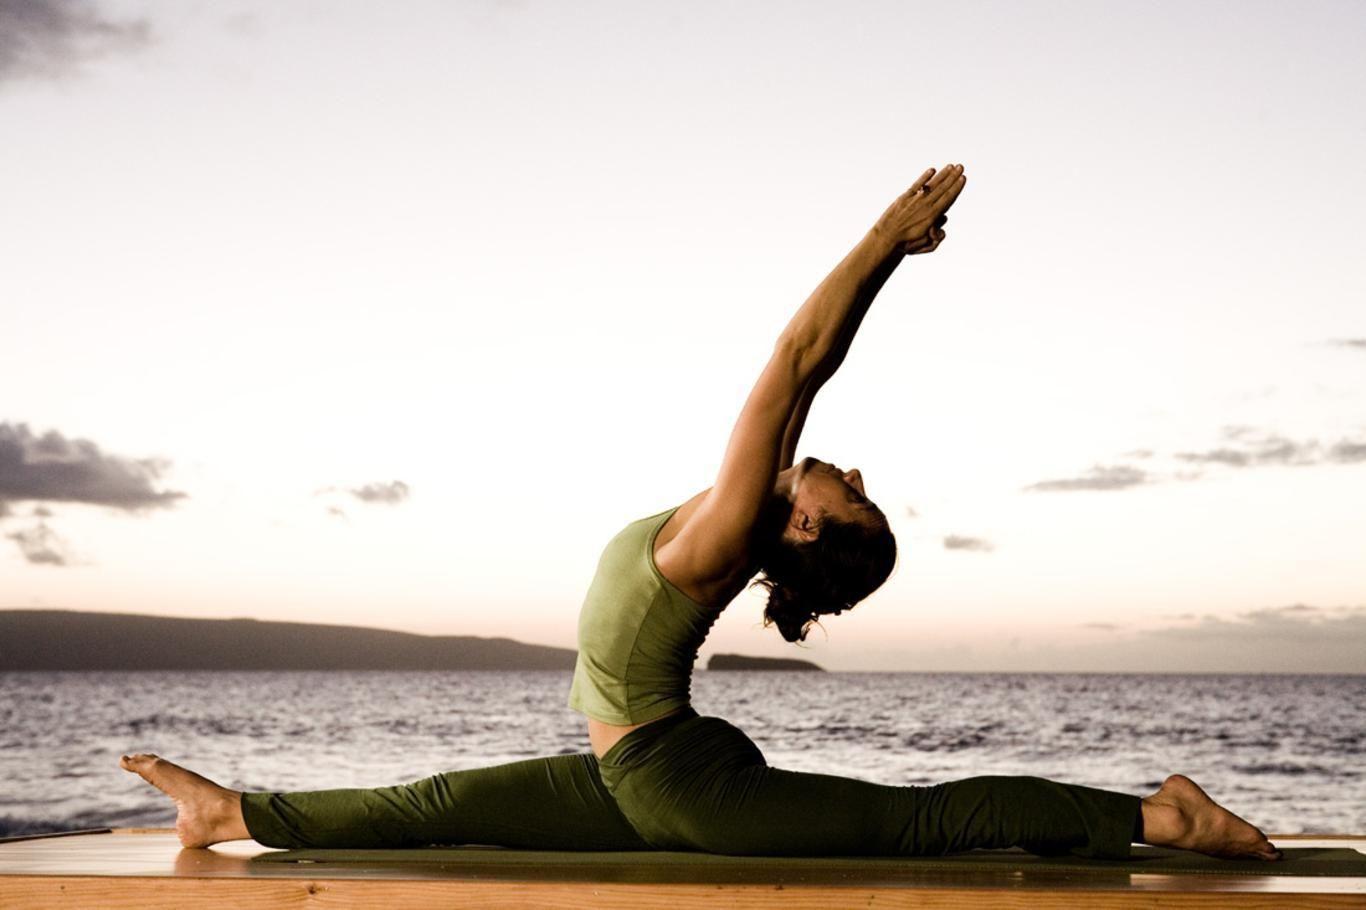 M Conocer qué es la flexibilidad y cómo debemos trabajarla es una parte muy importante de cualquier proceso de entrenamiento deportivo que se realice.